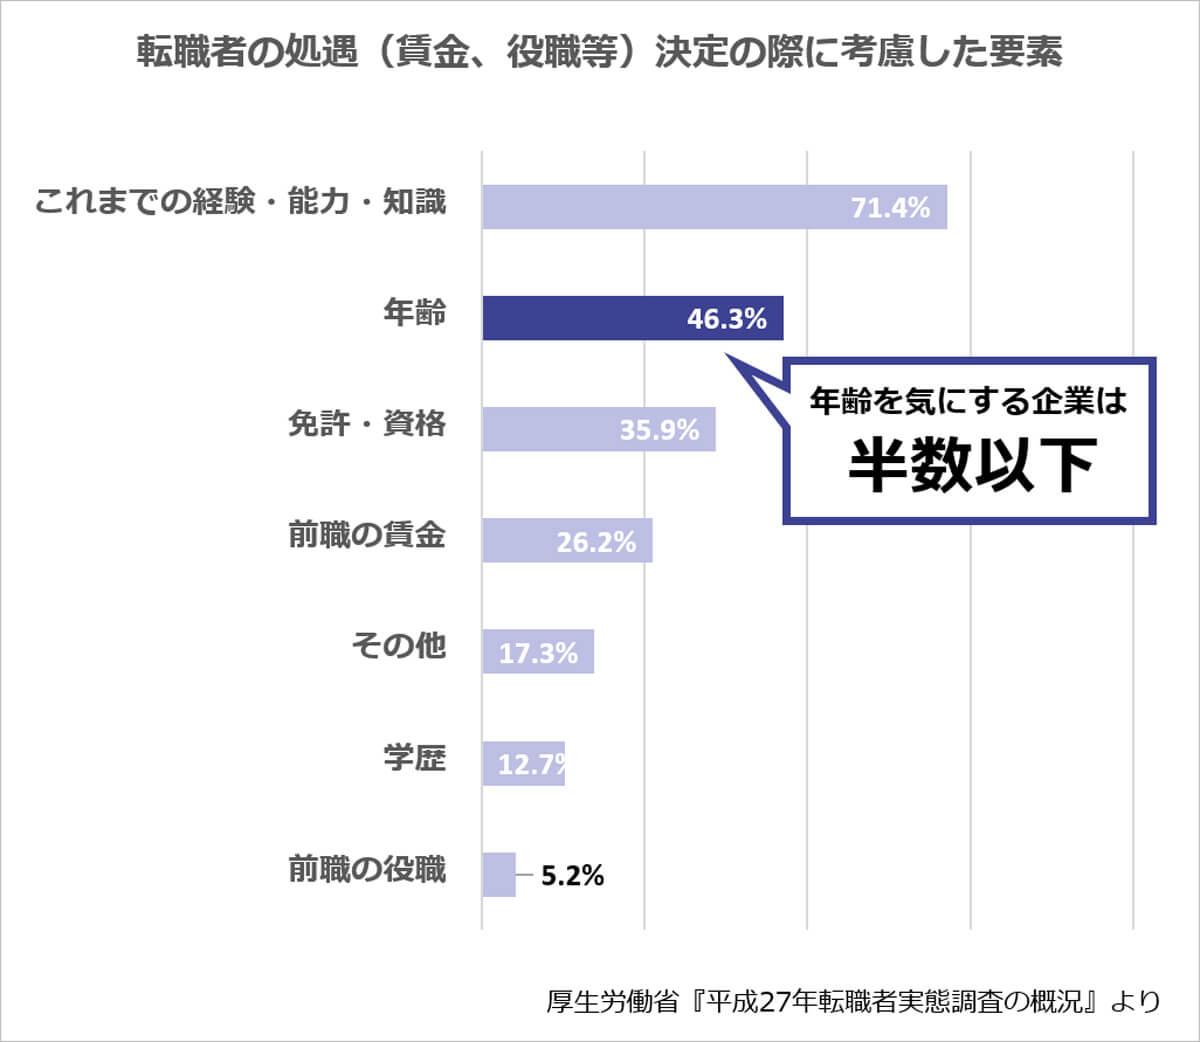 「転職者の処遇(賃金、待遇等)決定の際に考慮した要素」のランキング(出典:厚生労働省『平成27年転職者実態調査の概況』)【これまでの経験・能力】71.4%、【年齢】46.3%、【免許・資格】35.9%、【前職の賃金】26.2%、【その他】17.3%、【学歴】12.7%、【前職の役職】5.2%